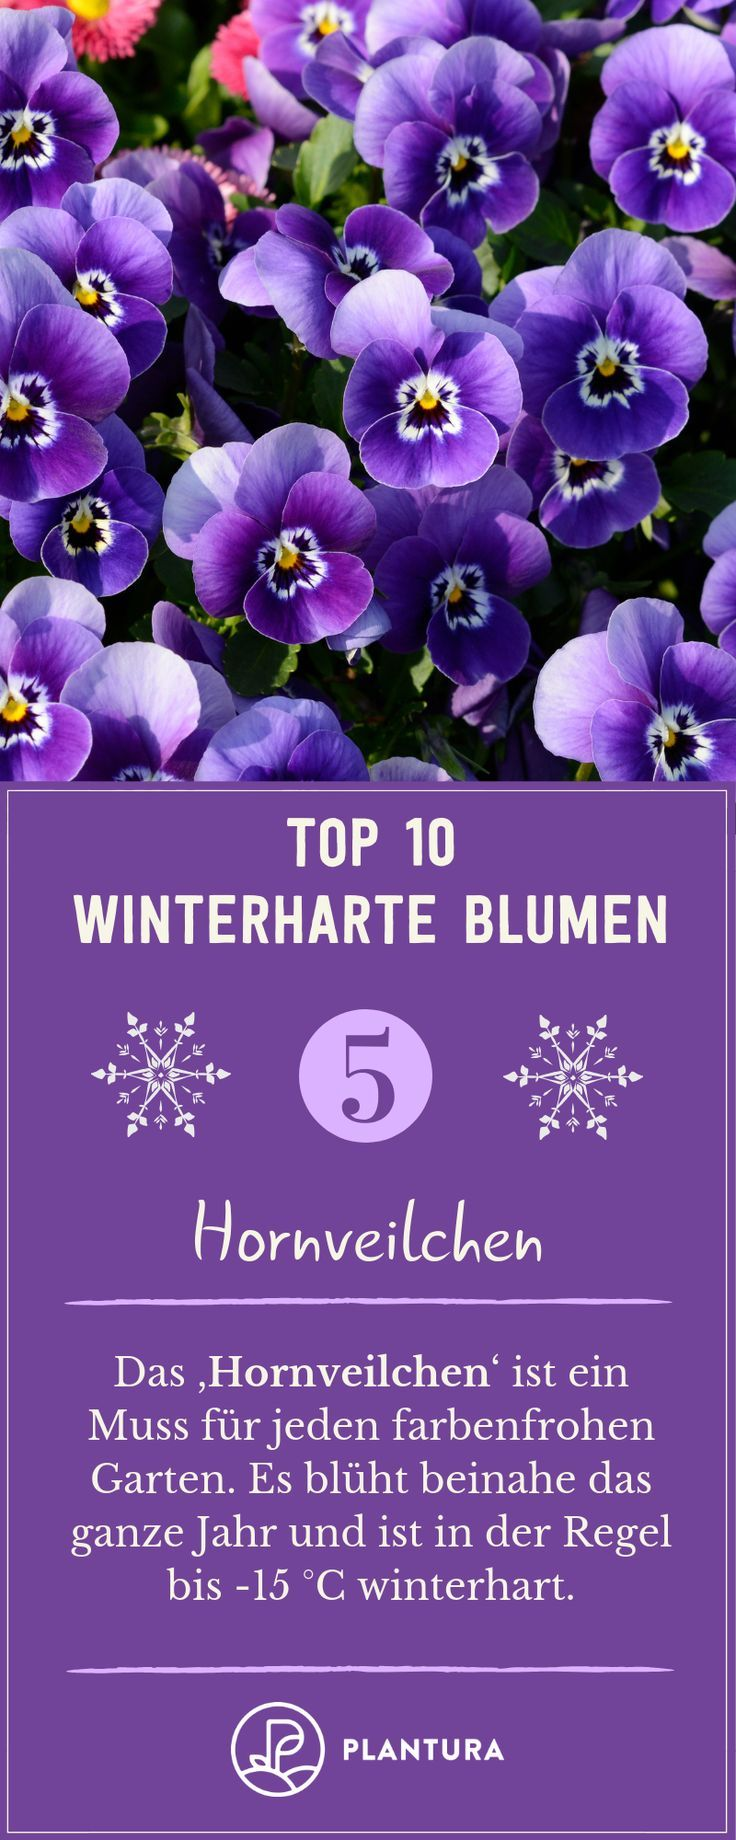 Winterharte Blumen: Die robusten Top 10 für Ihren Garten